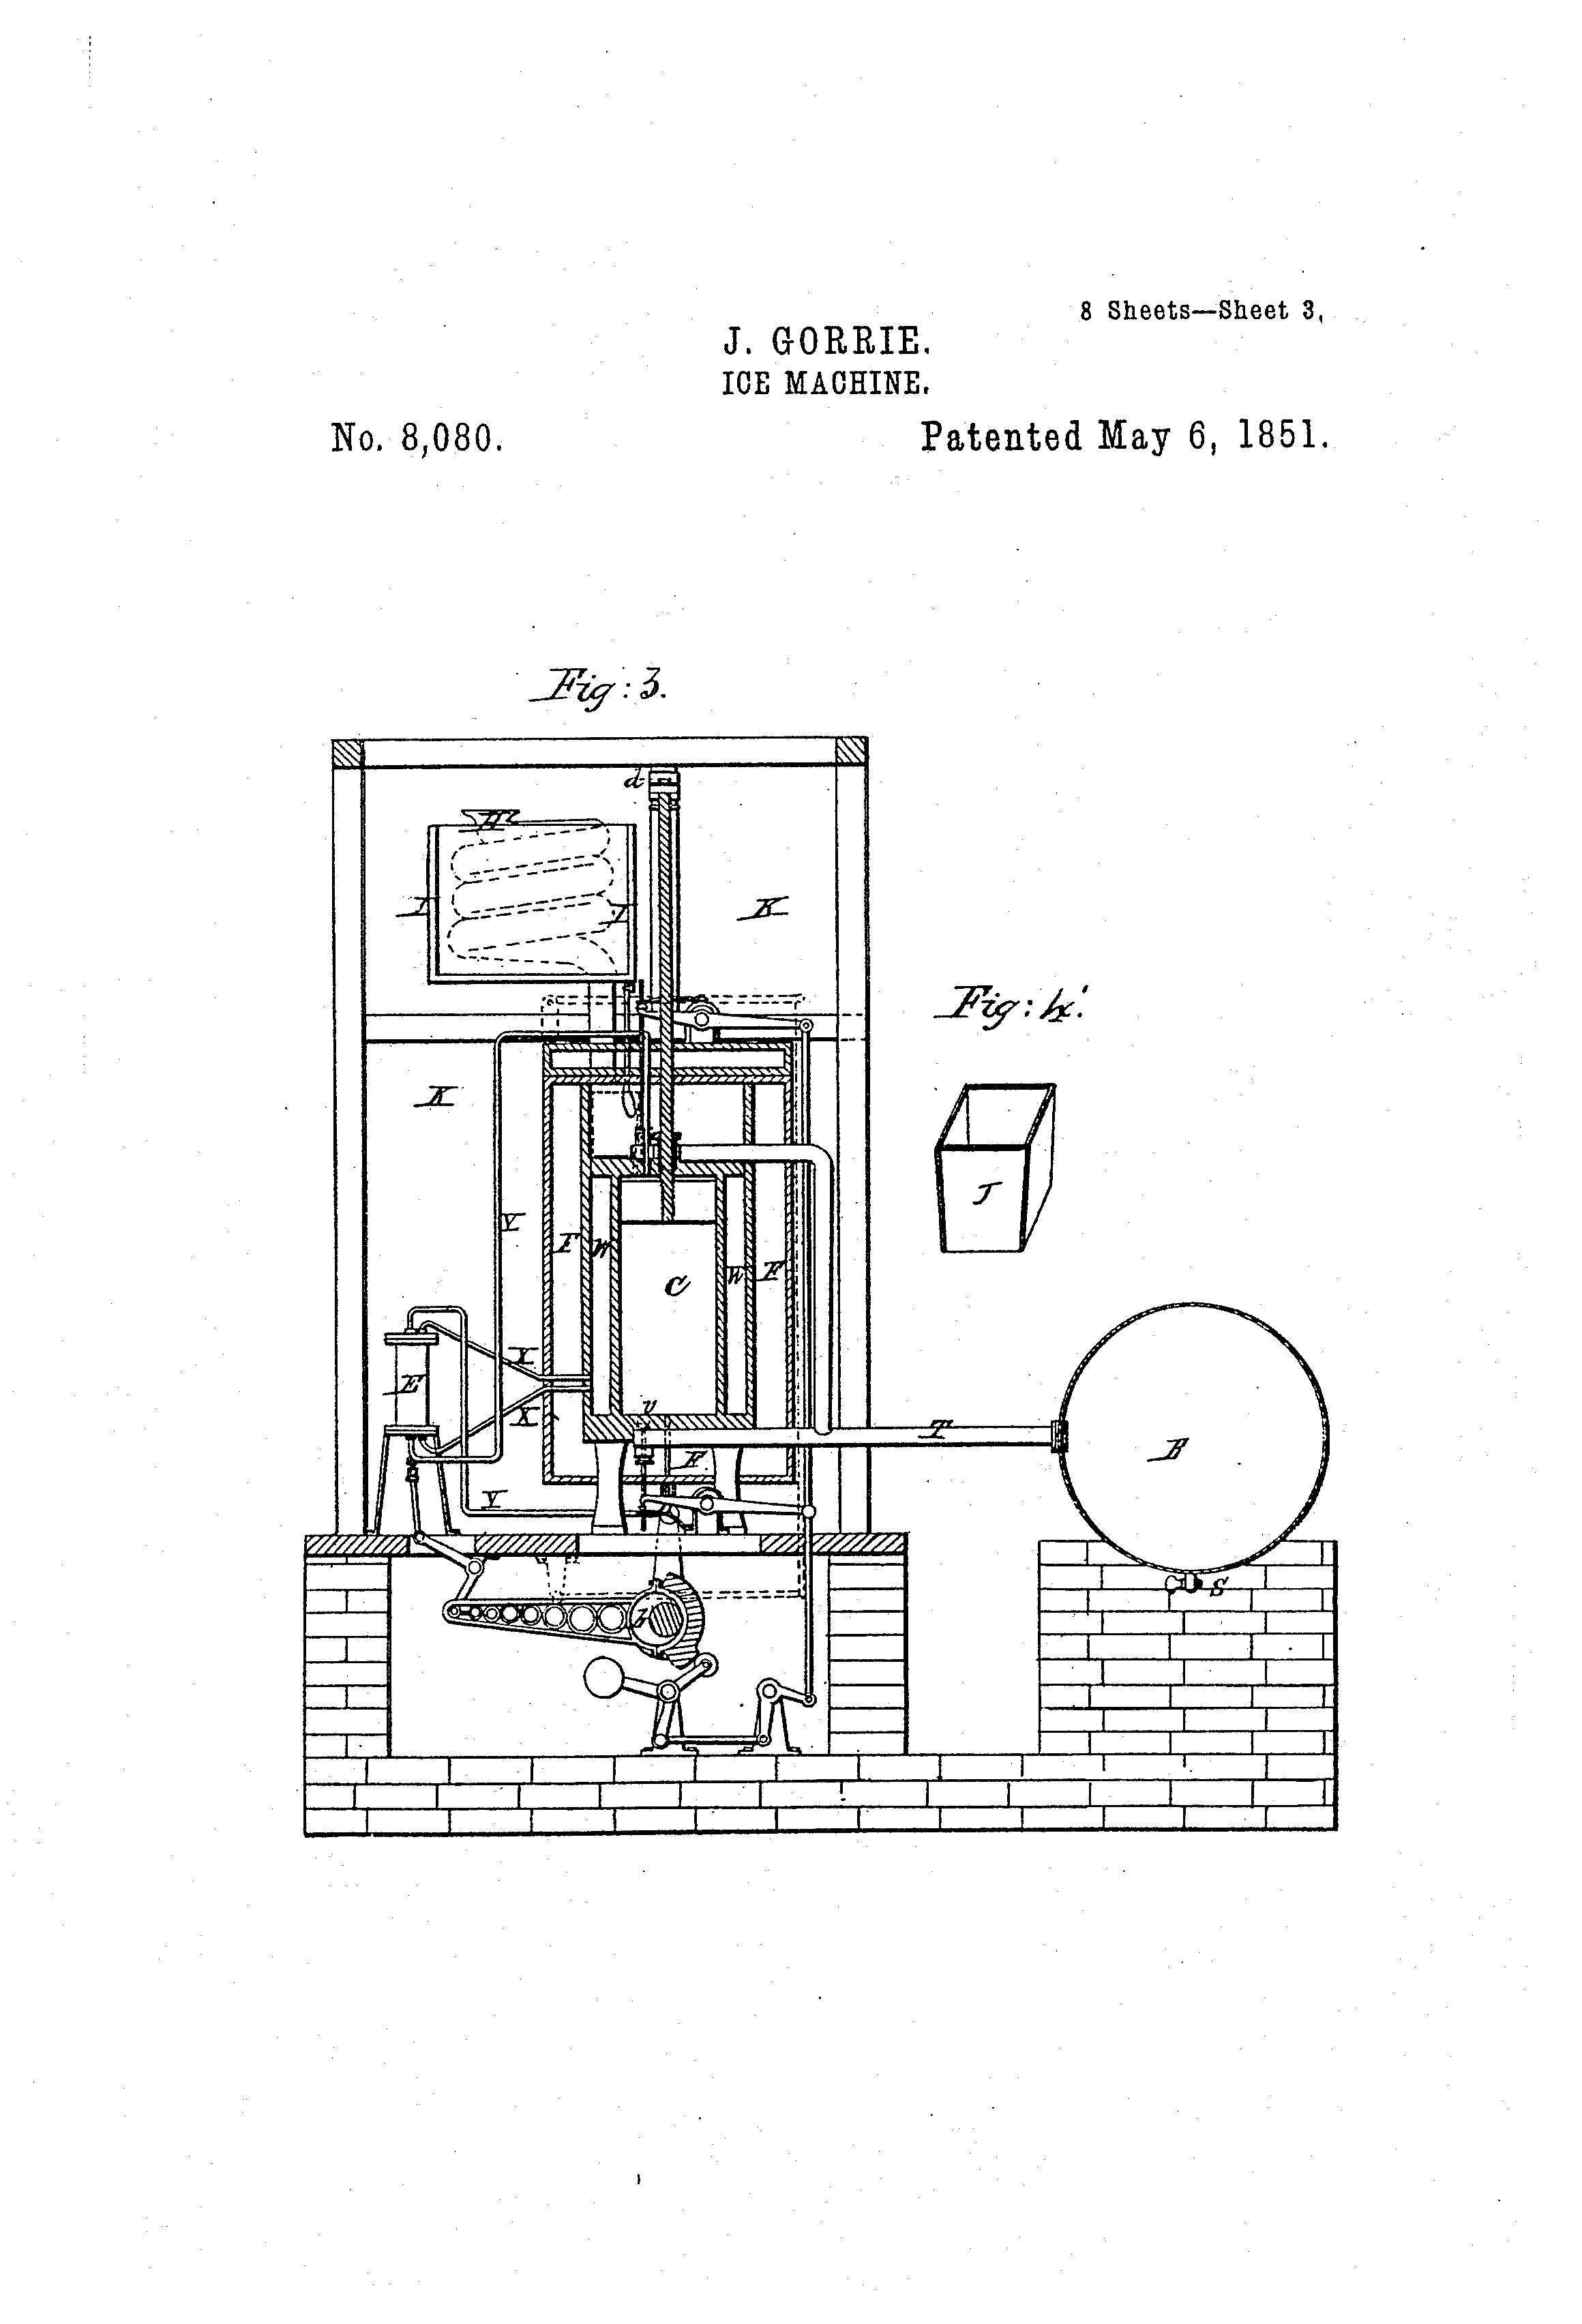 Central Air Conditioner Parts Diagram History Of Air Conditioning Of Central Air Conditioner Parts Diagram